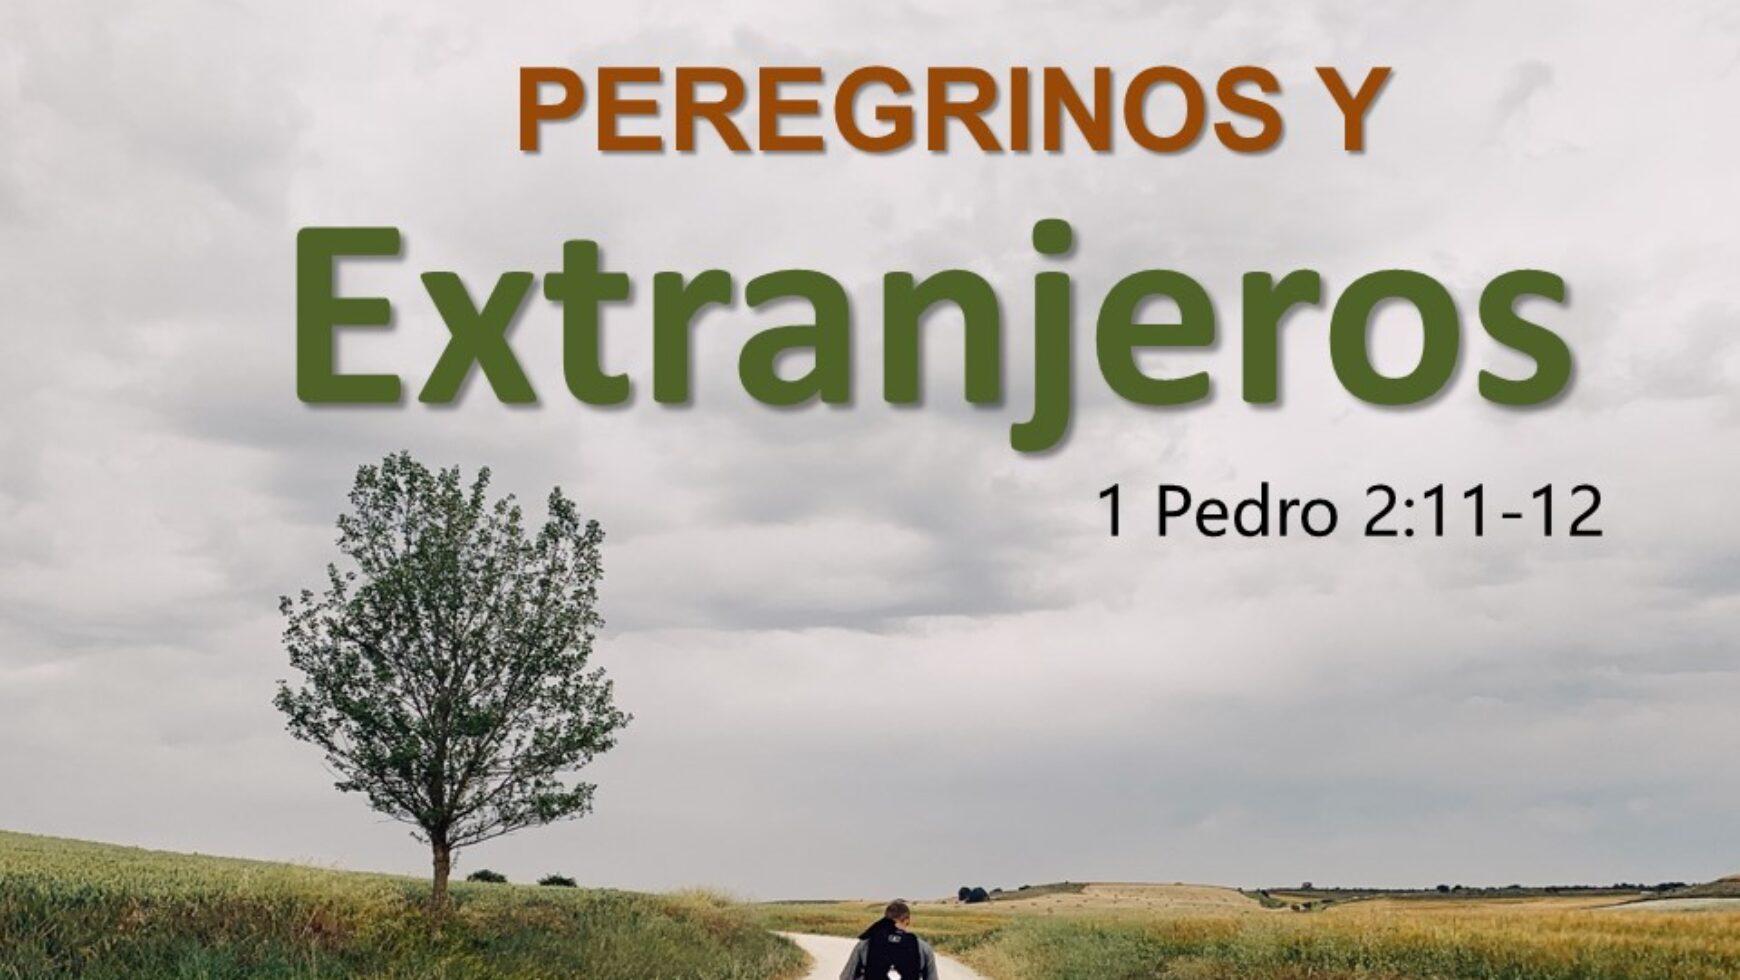 Peregrinos y extranjeros